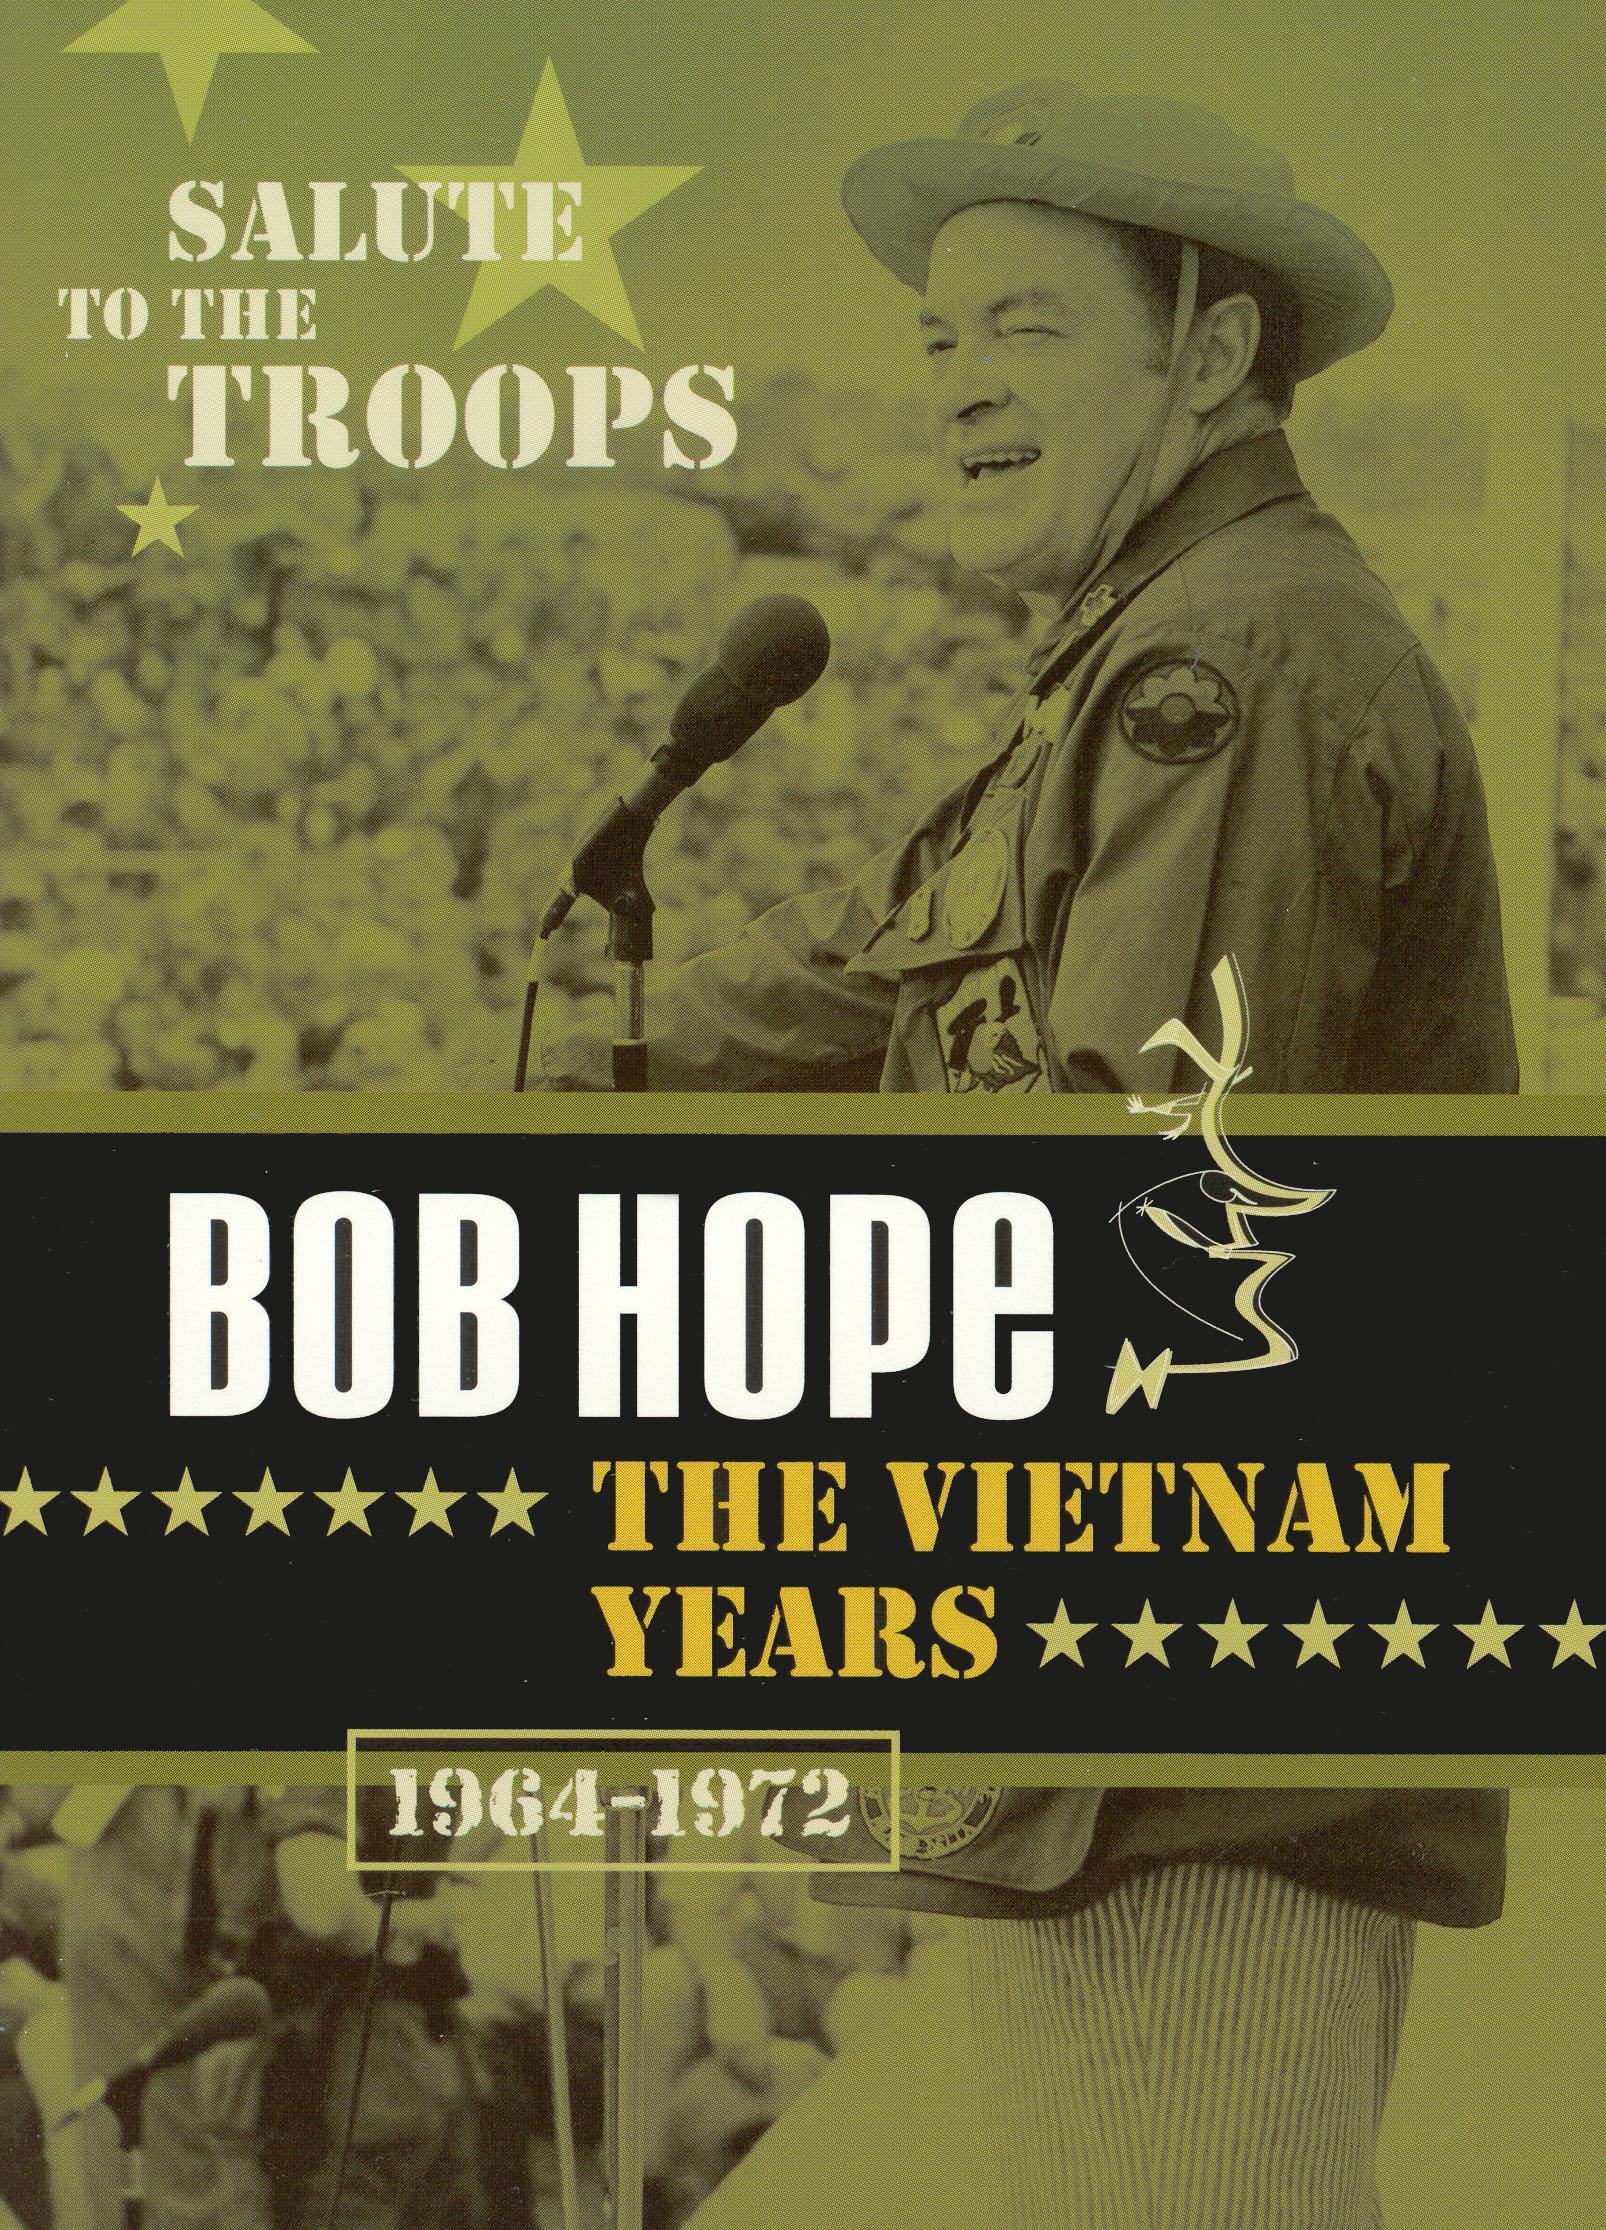 Bob Hope: The Vietnam Years 1964-1972